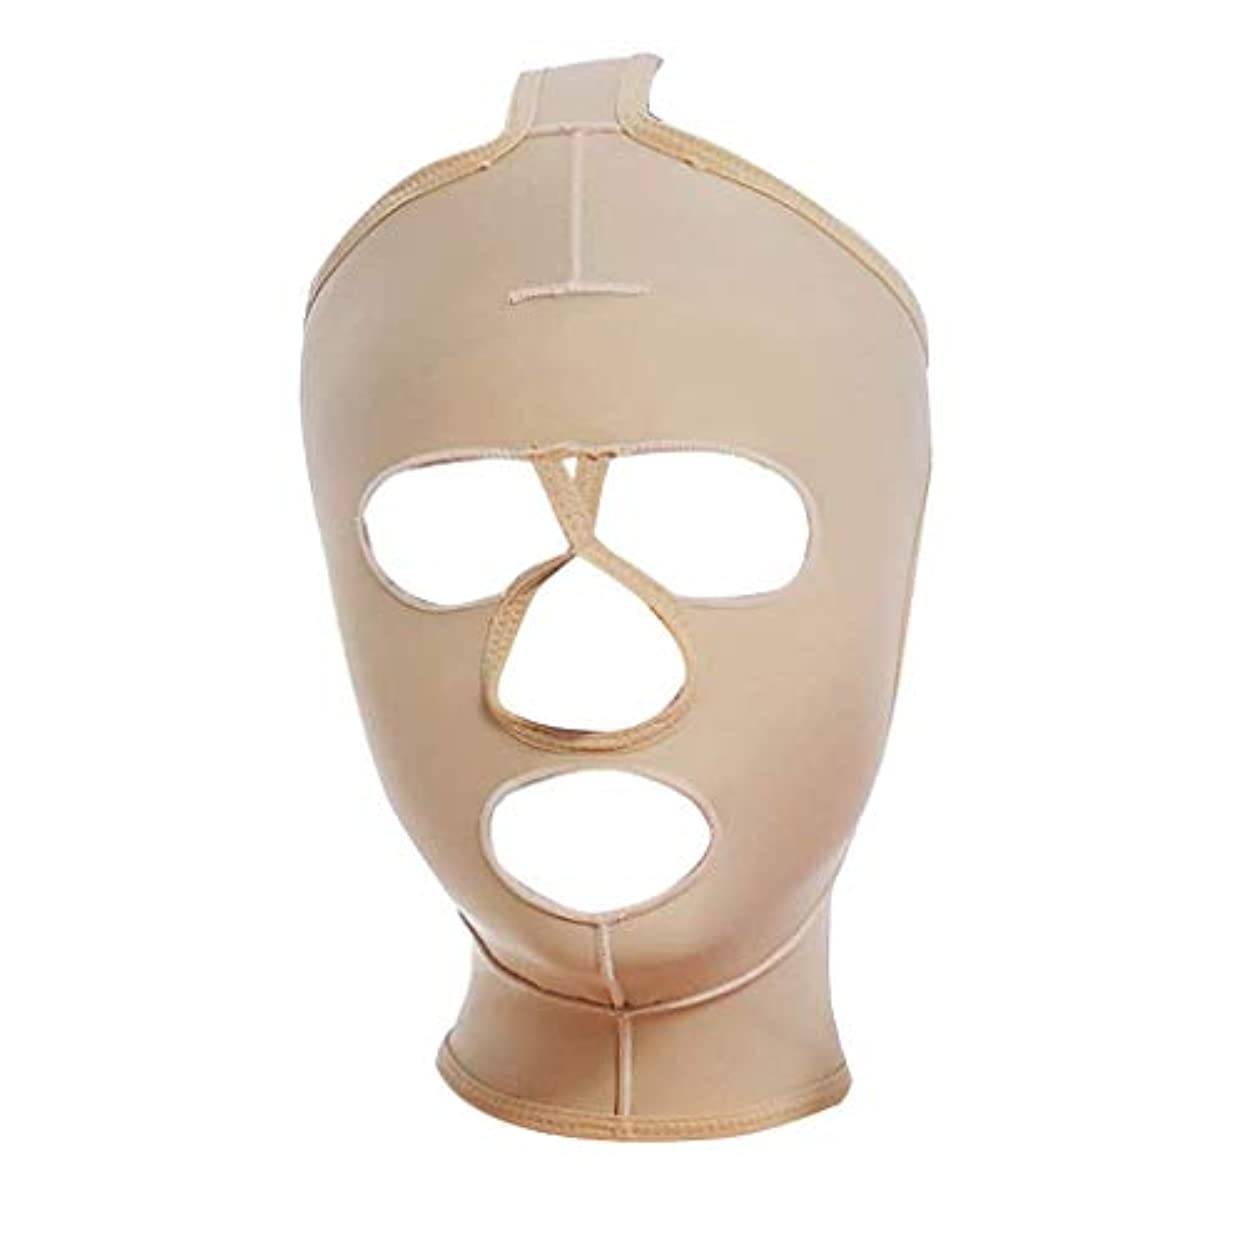 クリスマス桁ダムフェイス&ネックリフト、減量フェイスマスク脂肪吸引術脂肪吸引術整形マスクフードフェイスリフティングアーティファクトVフェイスビームフェイス弾性スリーブ(サイズ:XXL),XS